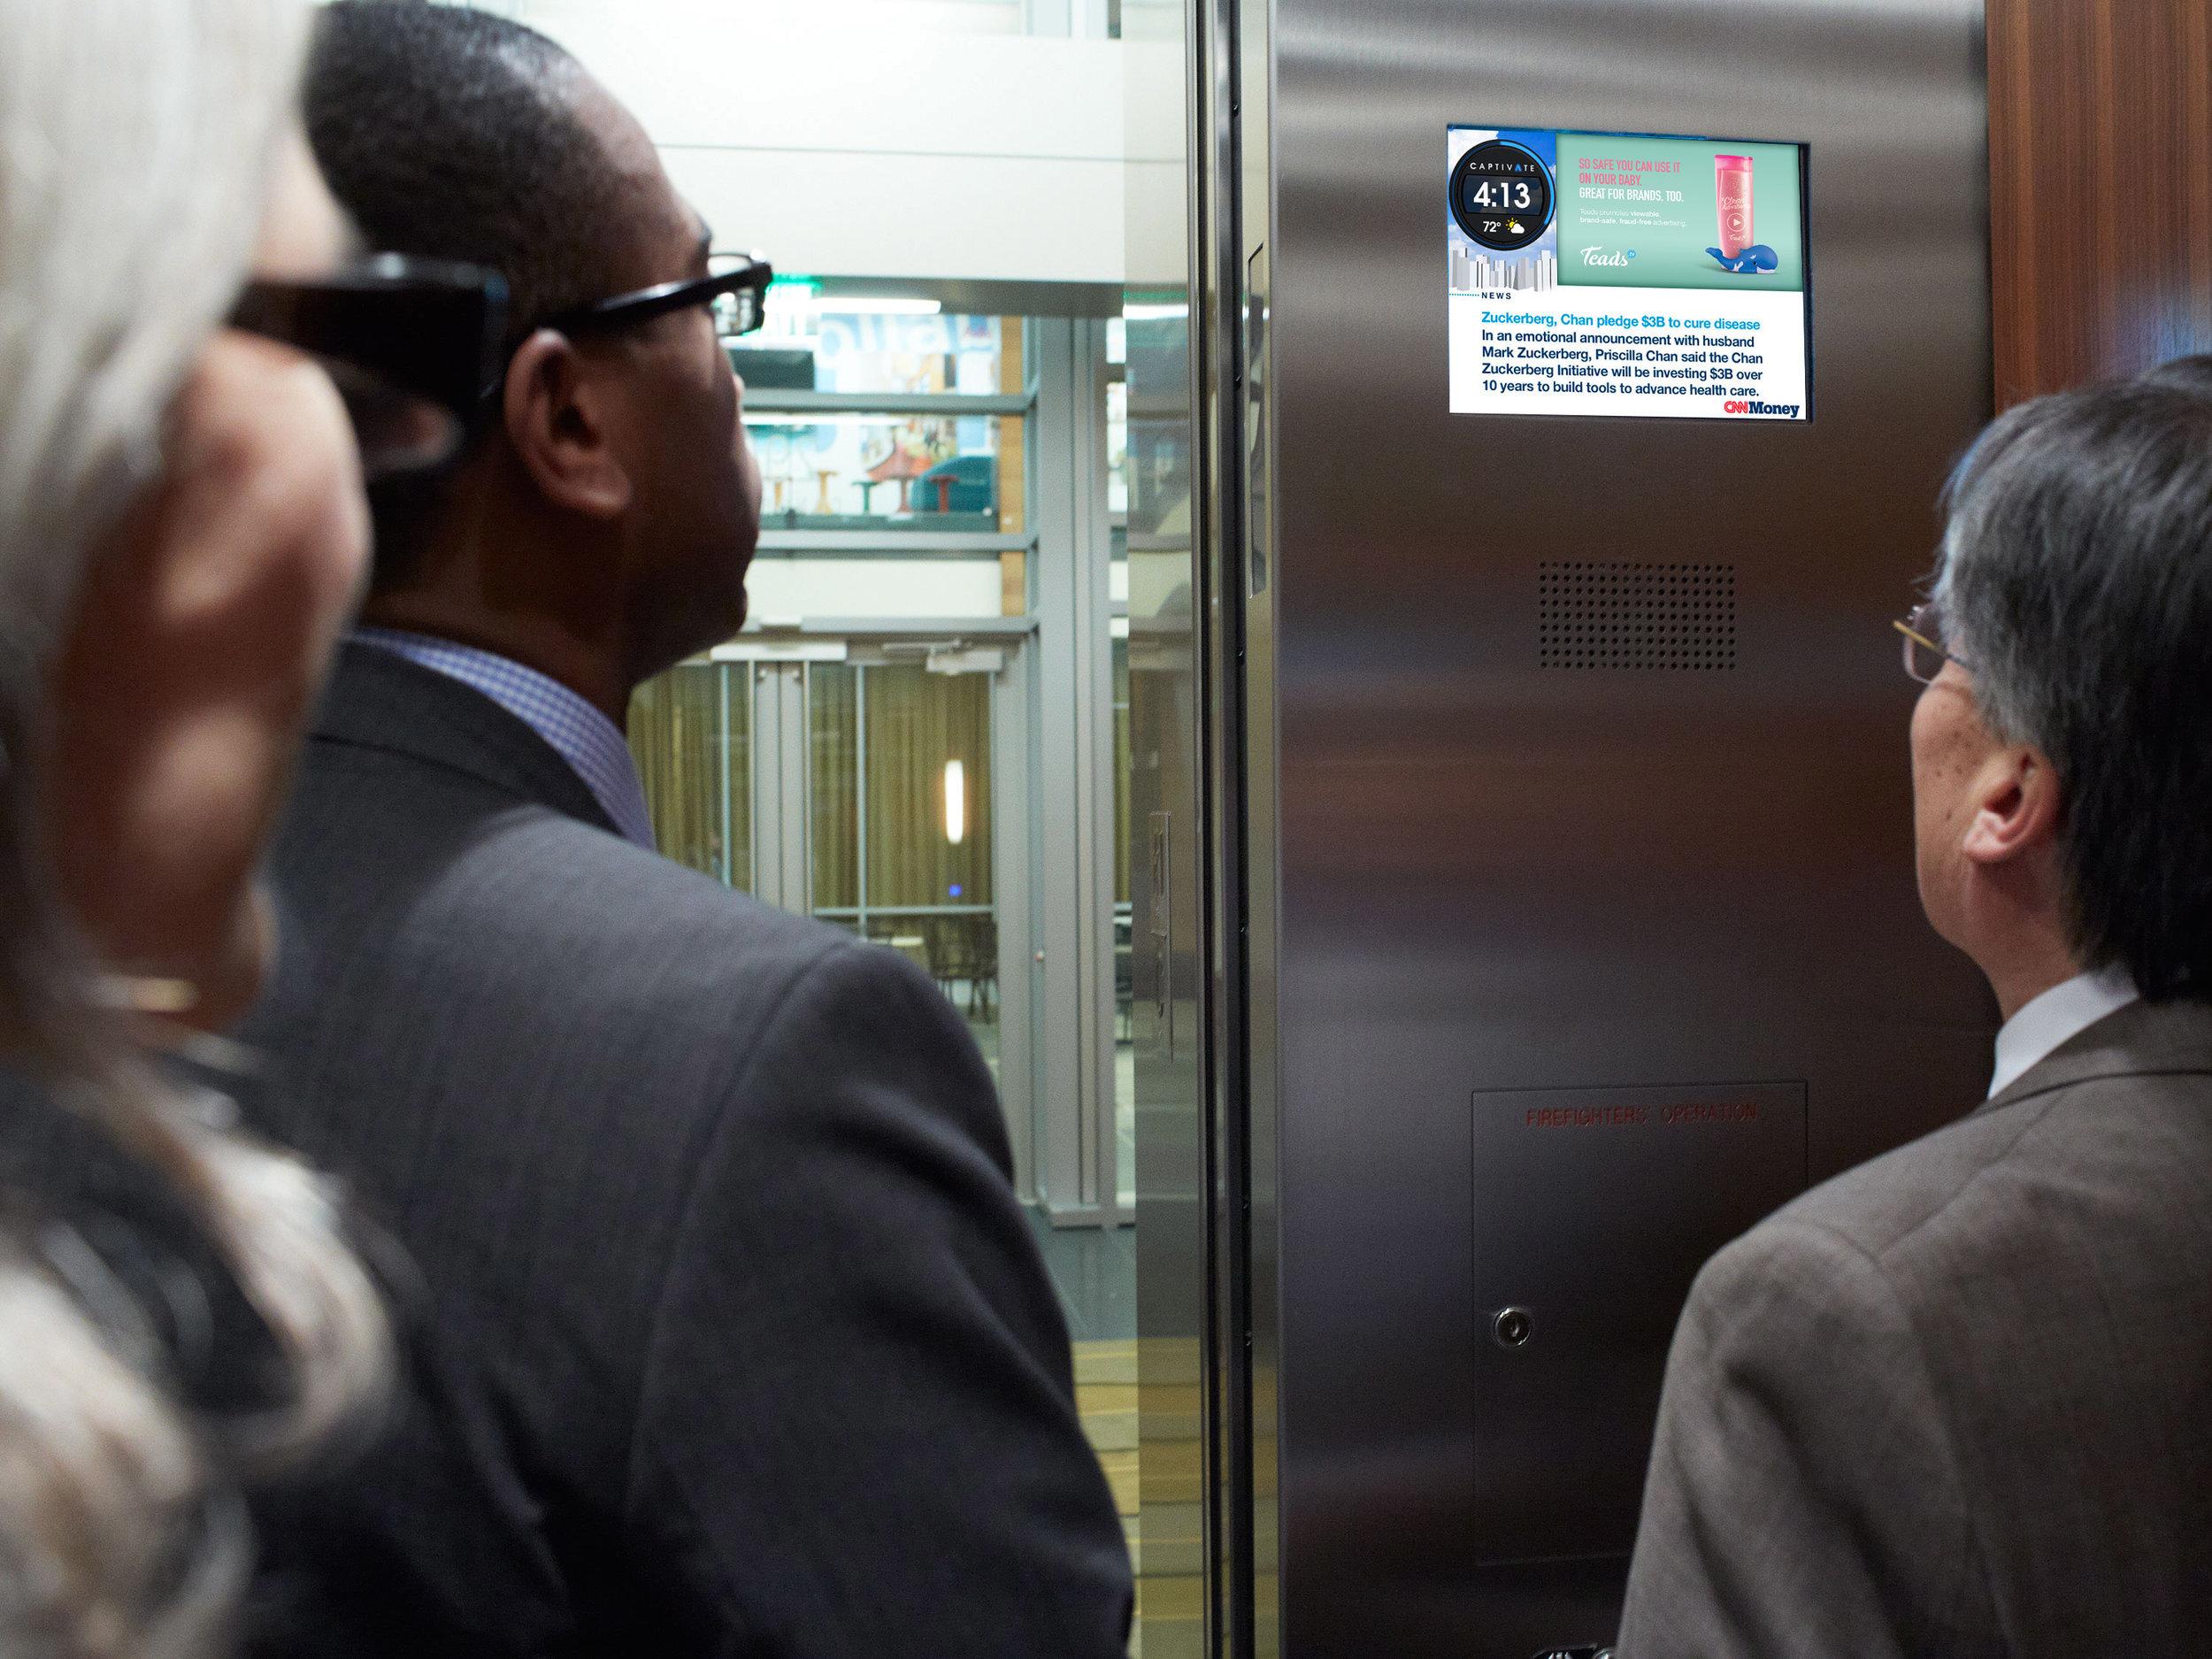 elevator-ads.jpg